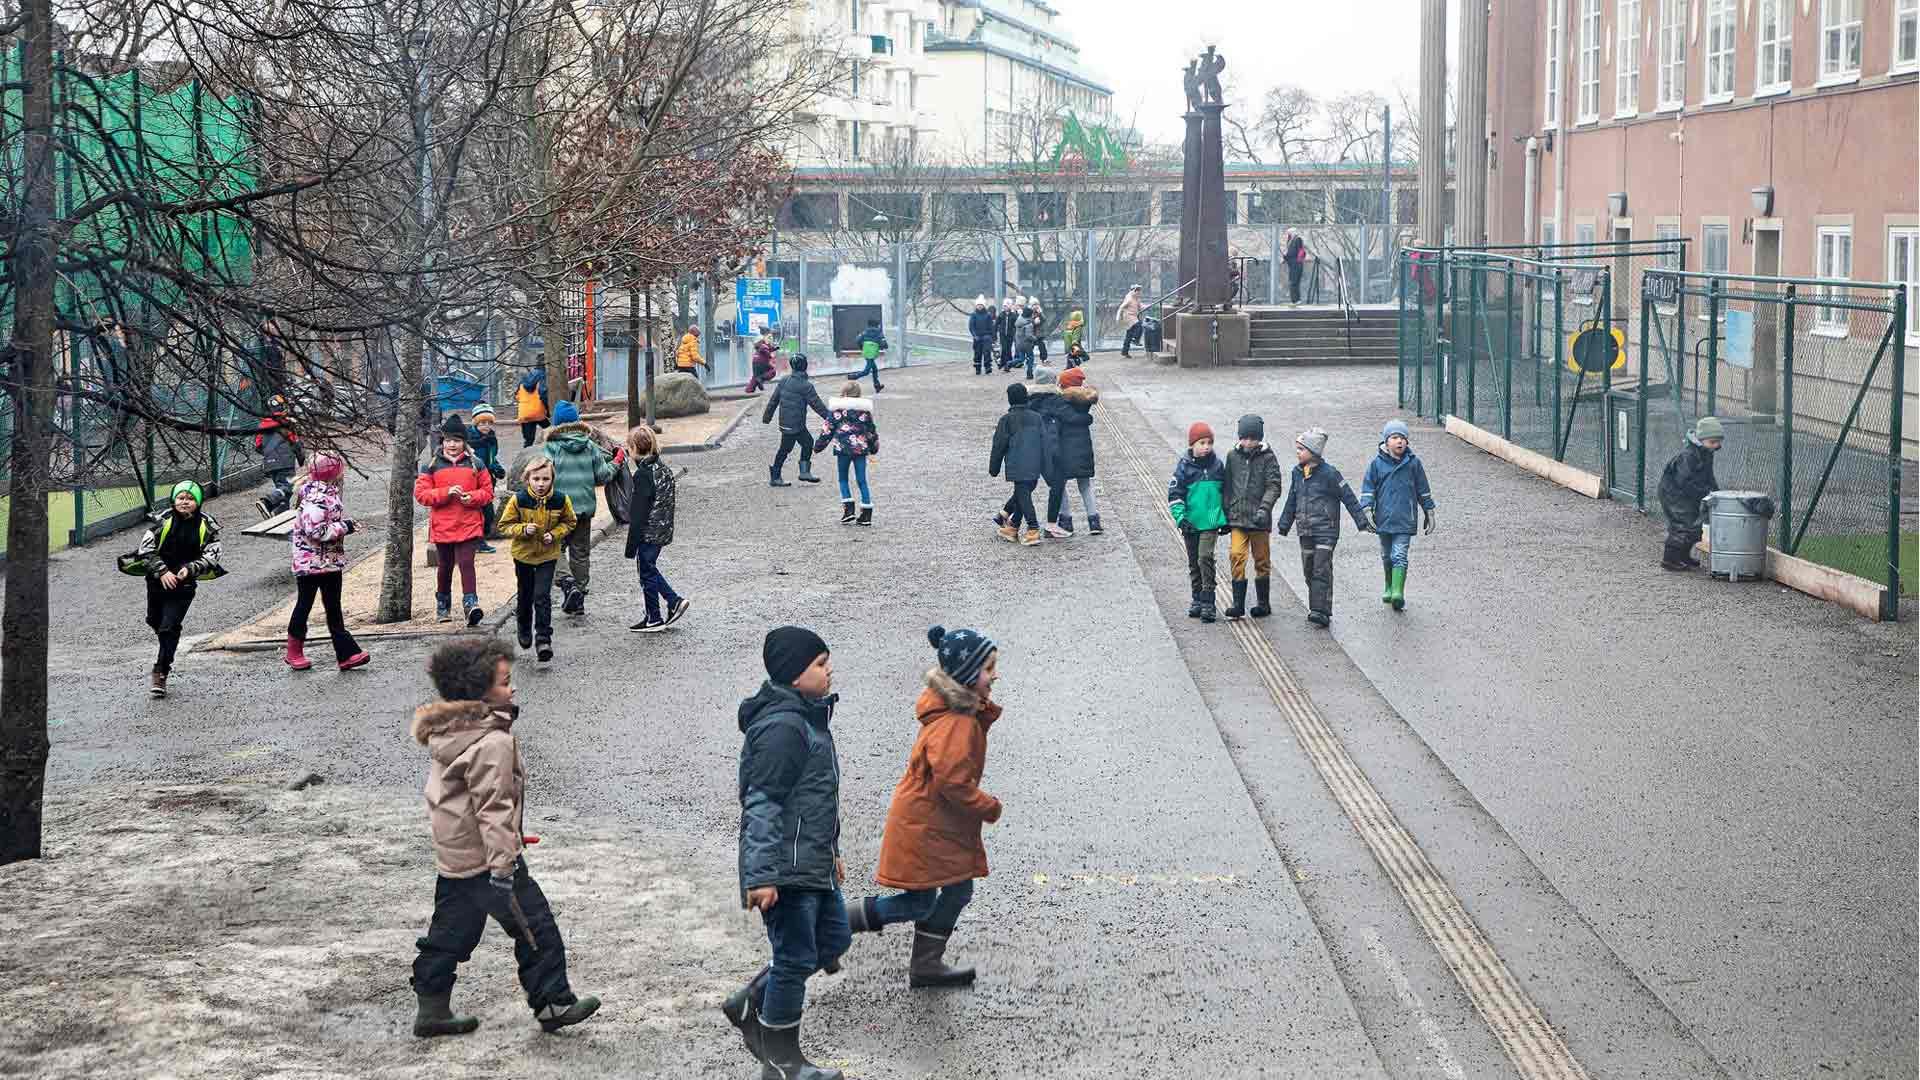 Tukholman ruotsinsuomalaisessa koulussa on noin 500 oppilasta. Peruskoulut on pidetty auki pandemian ajan, koska sulkemisen haitat on nähty niin suuriksi.